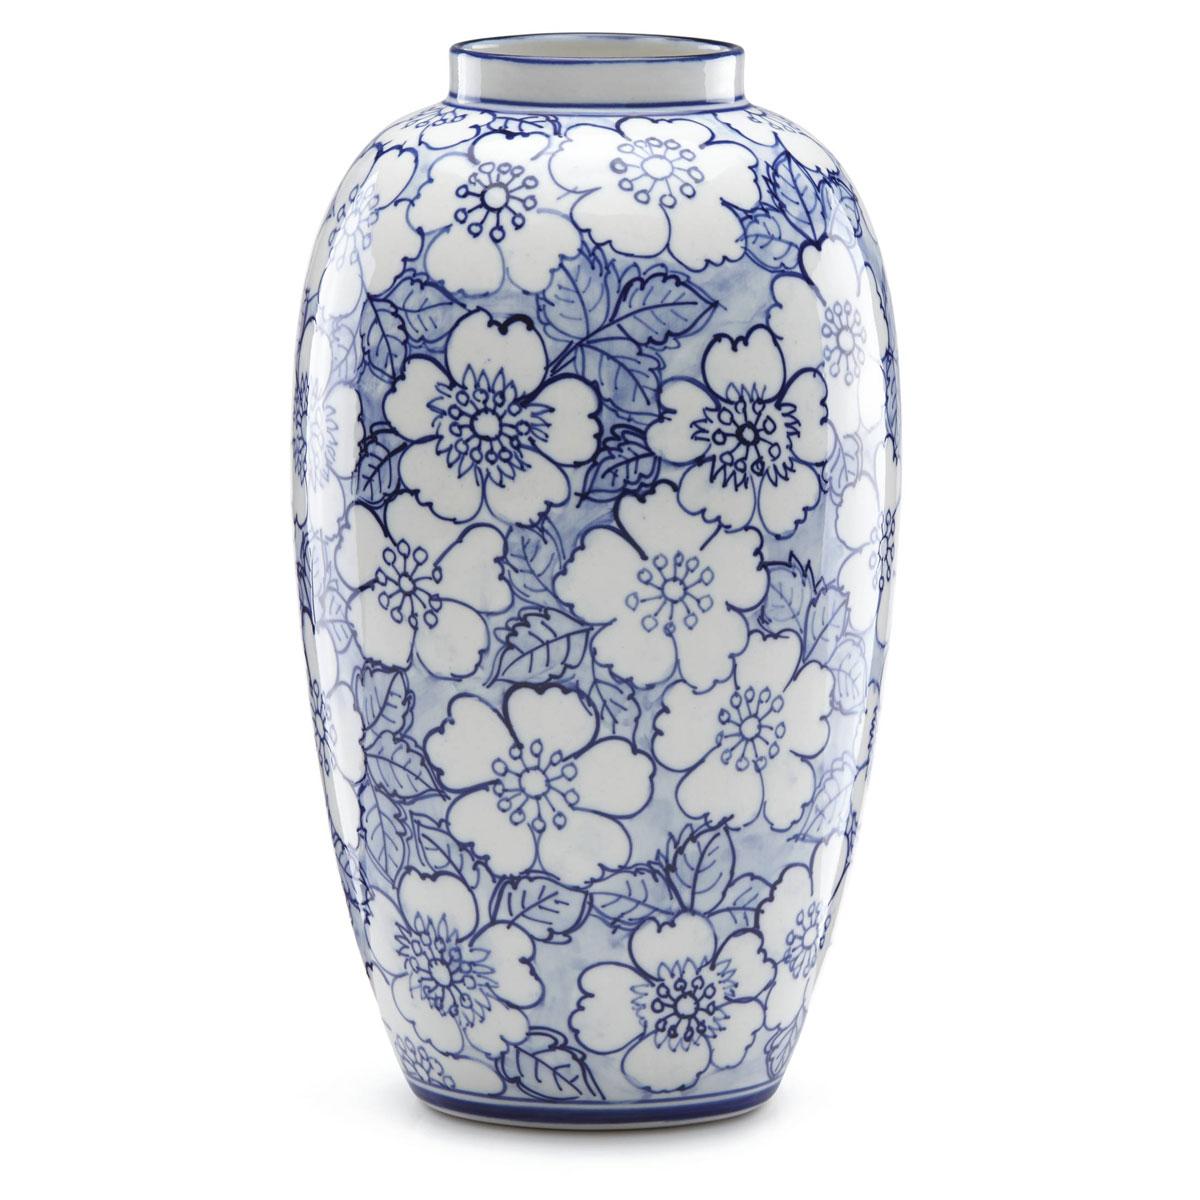 Lenox China Painted Indigo Floral Tall Vase